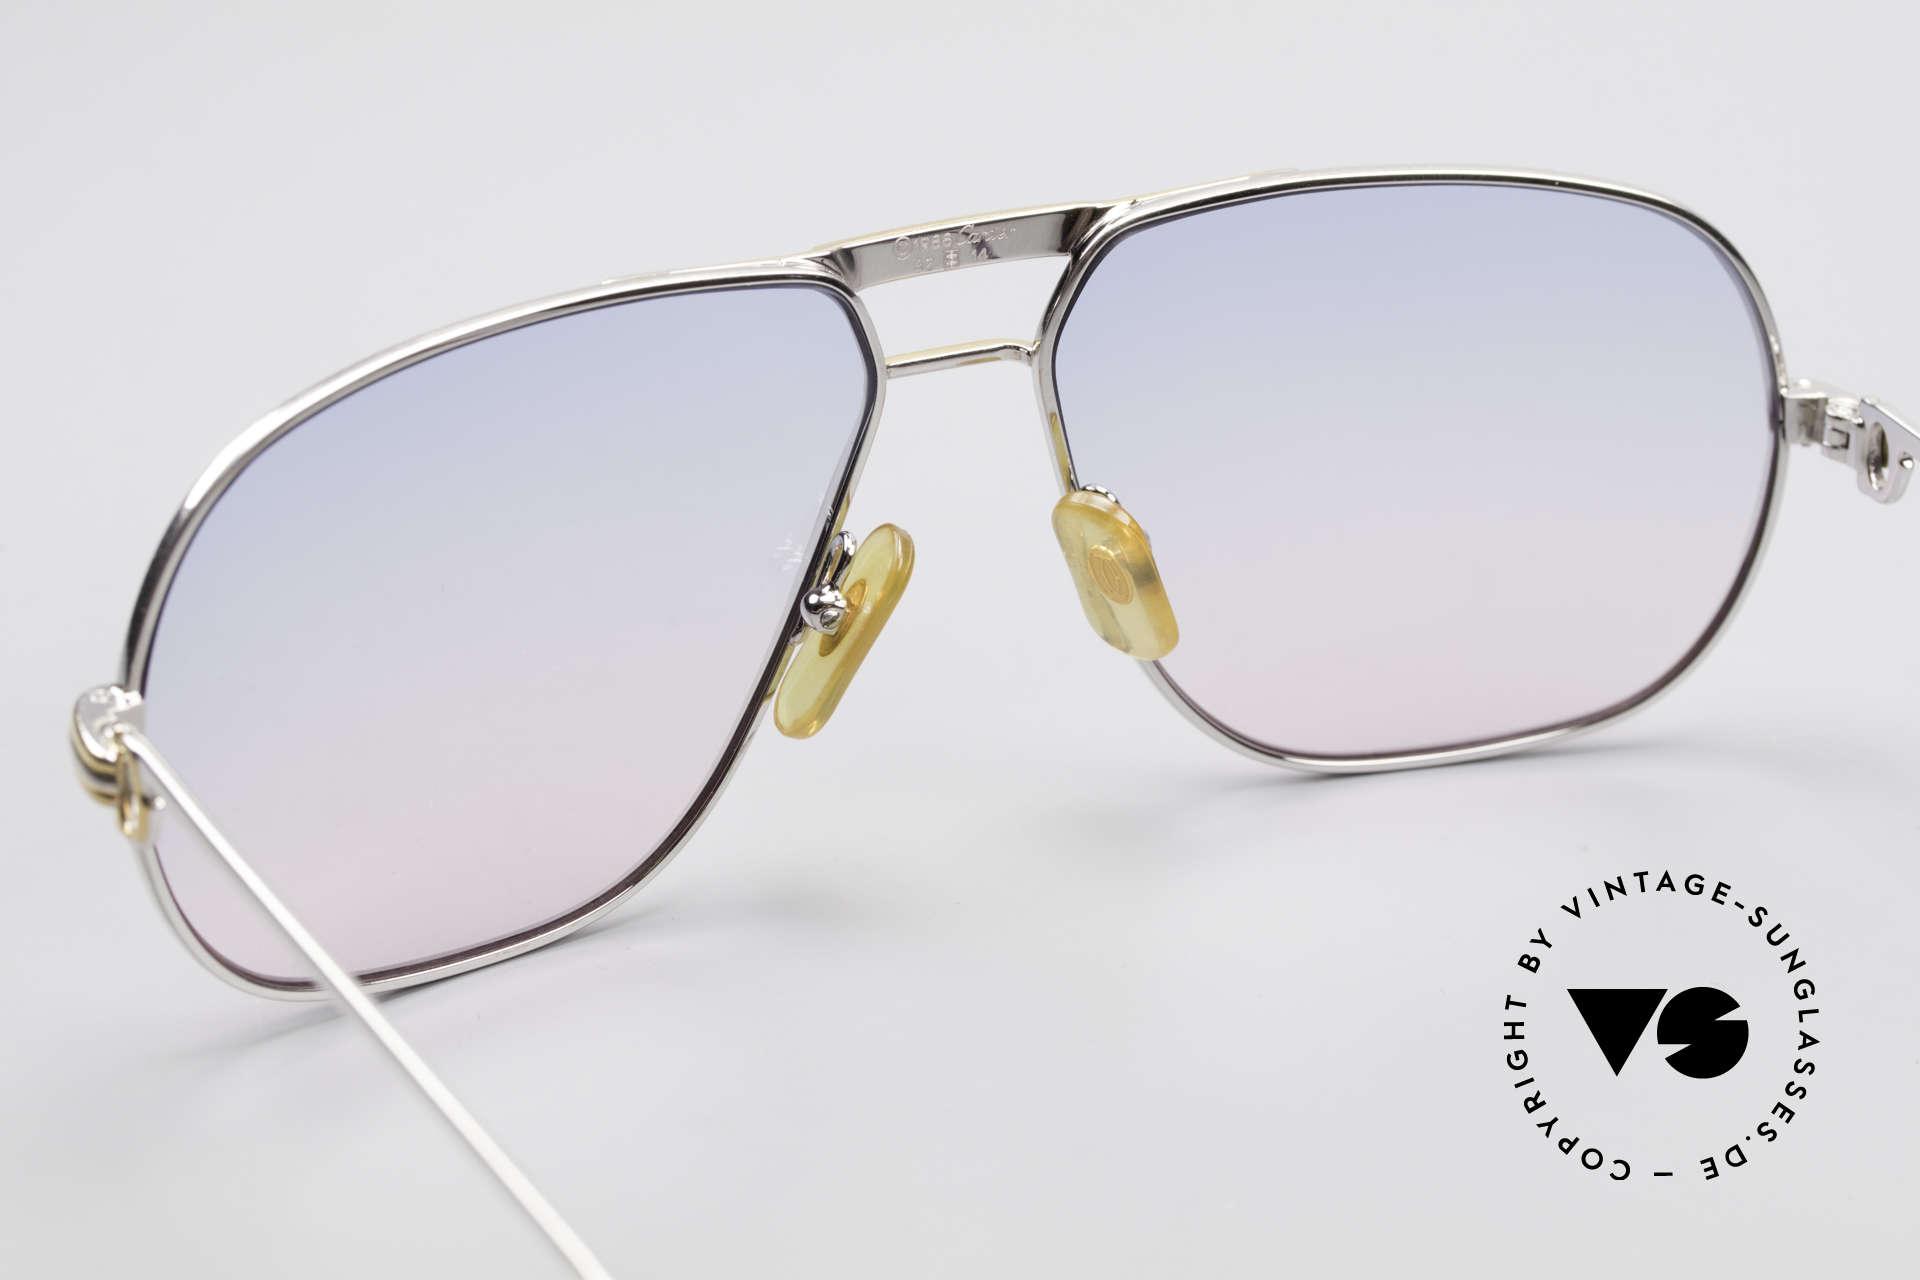 Cartier Tank - L Platin Edition Baby-Blau Pink, KEINE RETRObrille; ein 30 Jahre altes vintage ORIGINAL, Passend für Herren